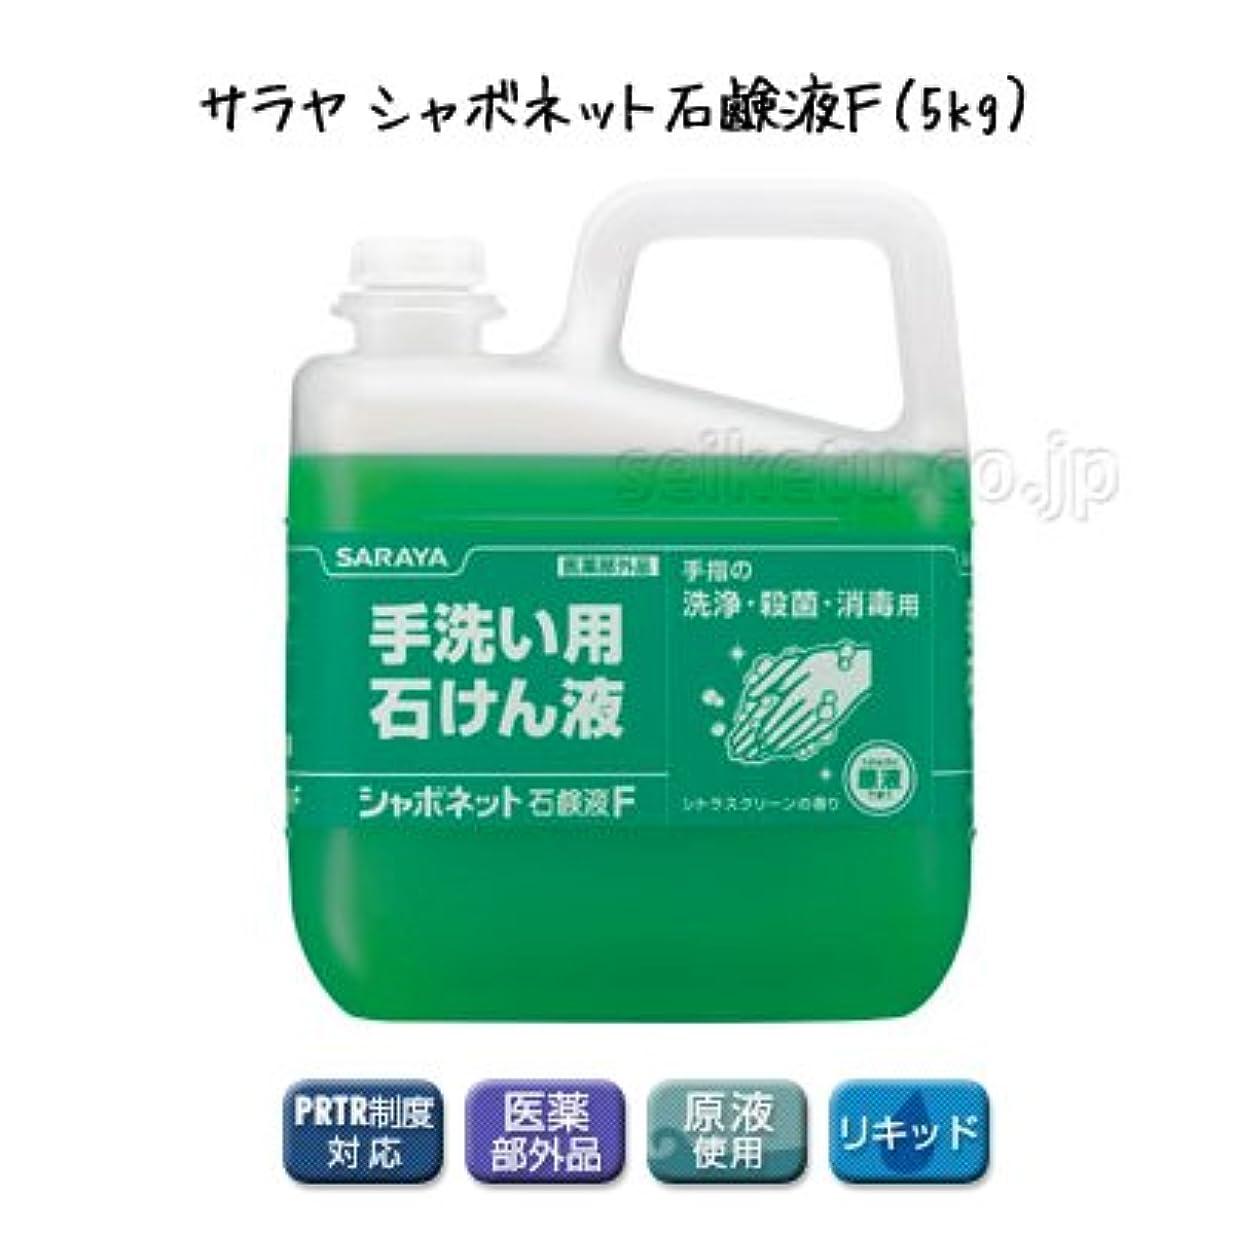 ブラウン不規則な抑制する【清潔キレイ館】サラヤ シャボネット石鹸液F(5kg)